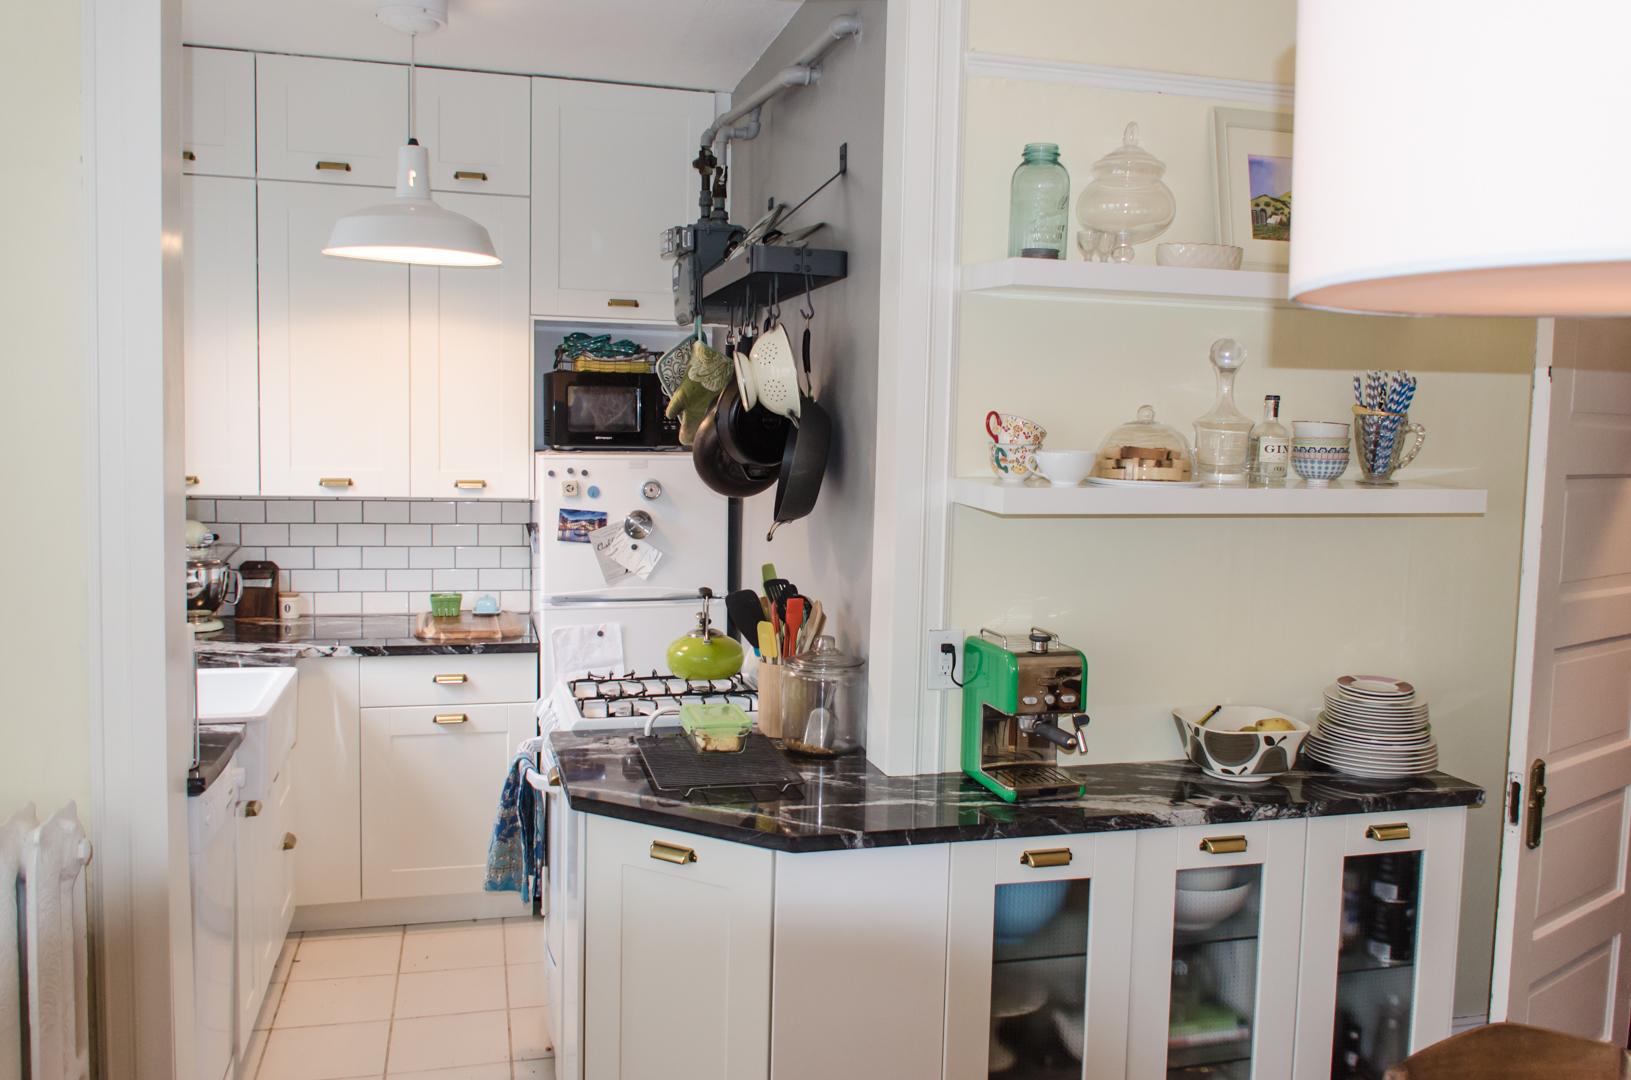 lille-lejlighed-køkken-ikea-1-1